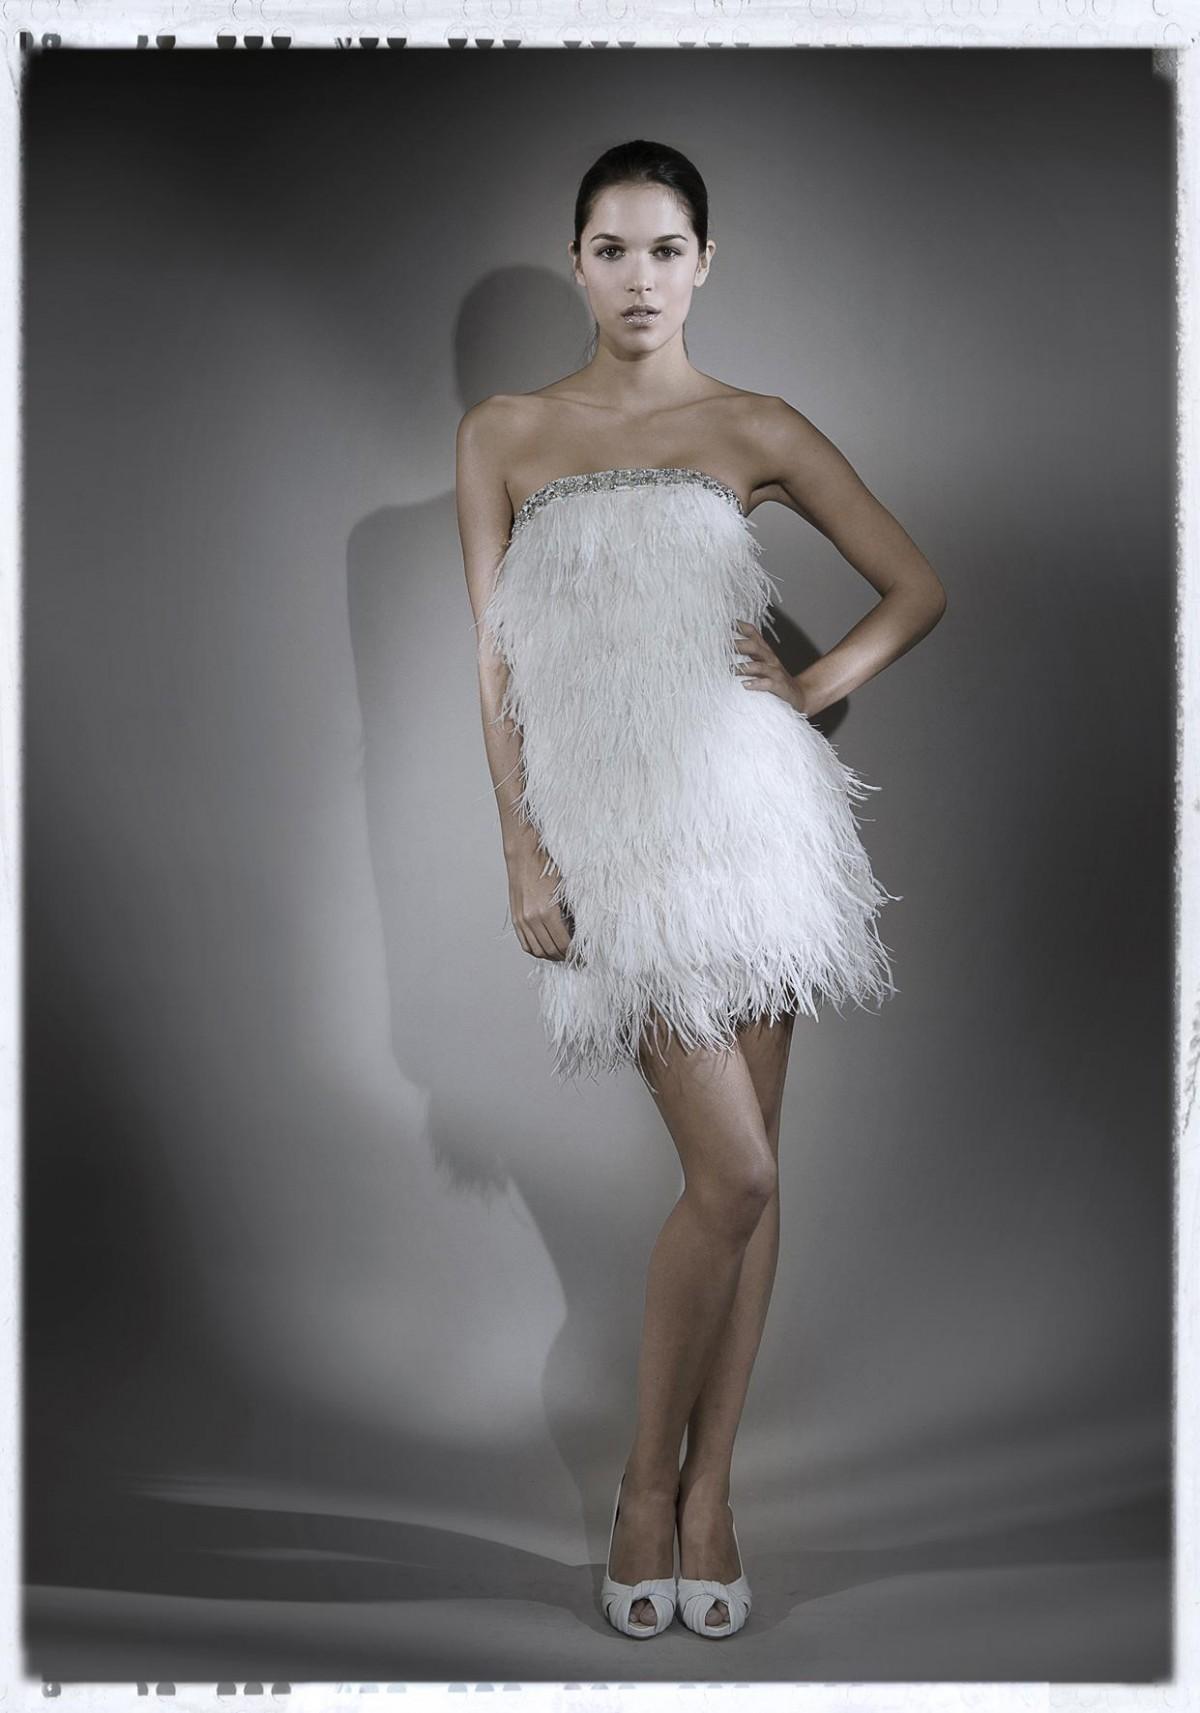 Charleston Qui a dit que la plume ne s\'adapte qu\'aux robes de mariée romantiques et chimériques? Ici, Nicolas Fafiotte nous propose une robe délicieusement vintage et moderne à la fois, jonglant entre une plume exacerbée et un «court» ultra glamour.  Crédit photo : NICOLAS FAFIOTTE